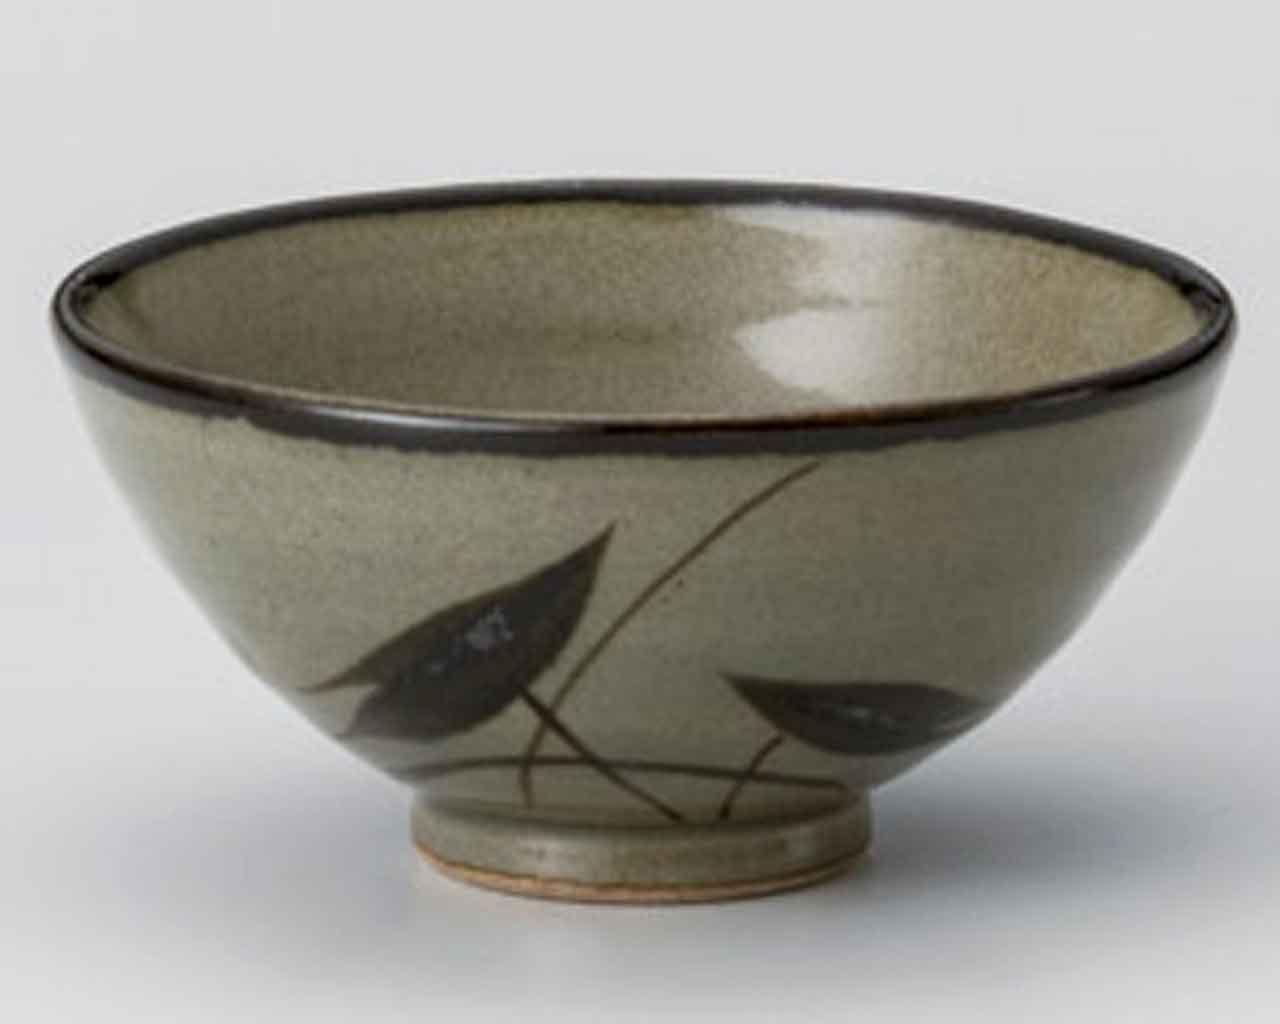 Mashiko Mizukusa 4.6inch Set of 10 Rice bowls Ceramic Made in Japan